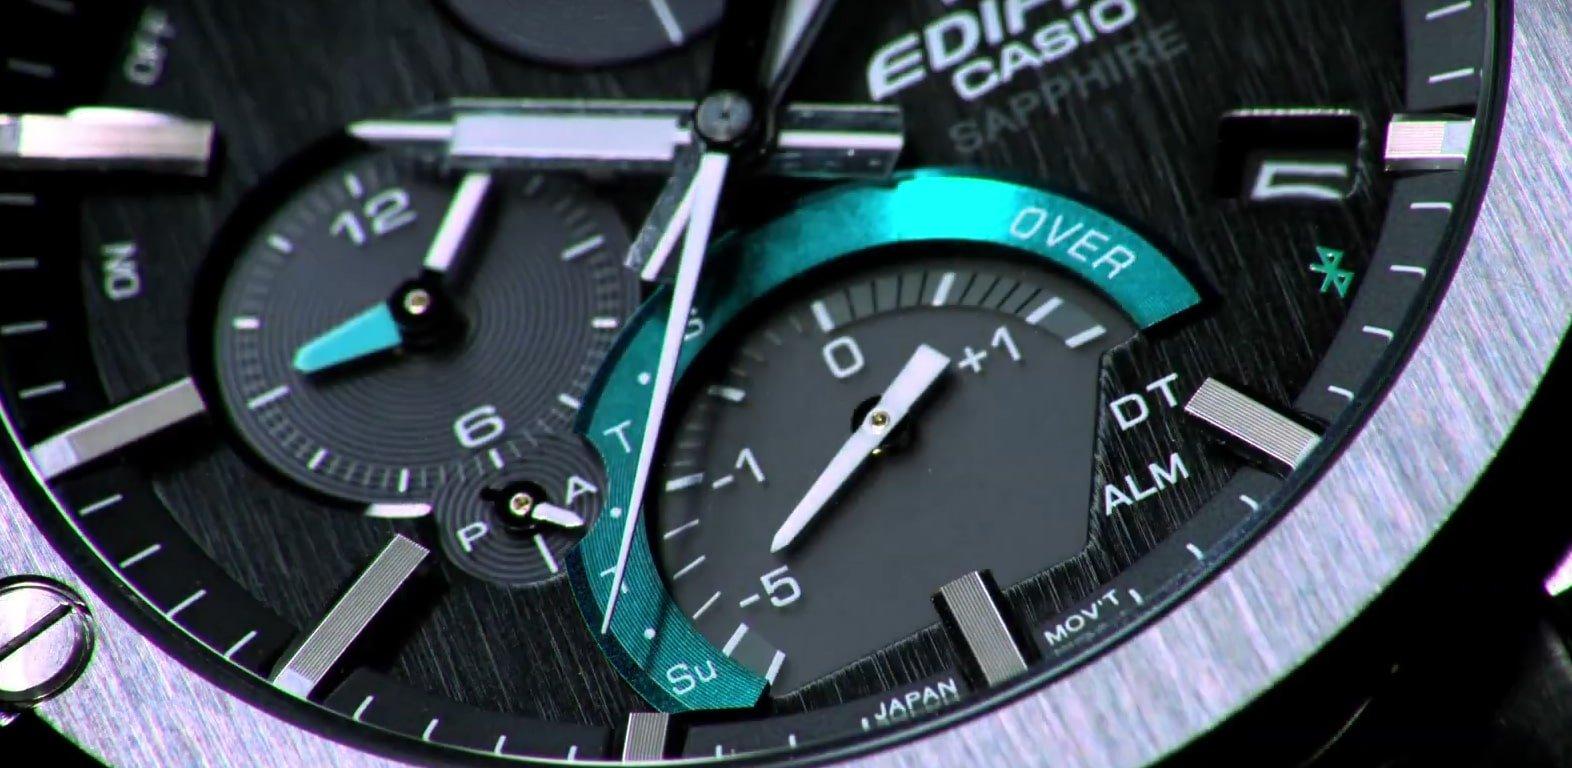 Zaawansowana technologia w zegarku Edifice pozwala pobierać energię z promieni słonecznych.